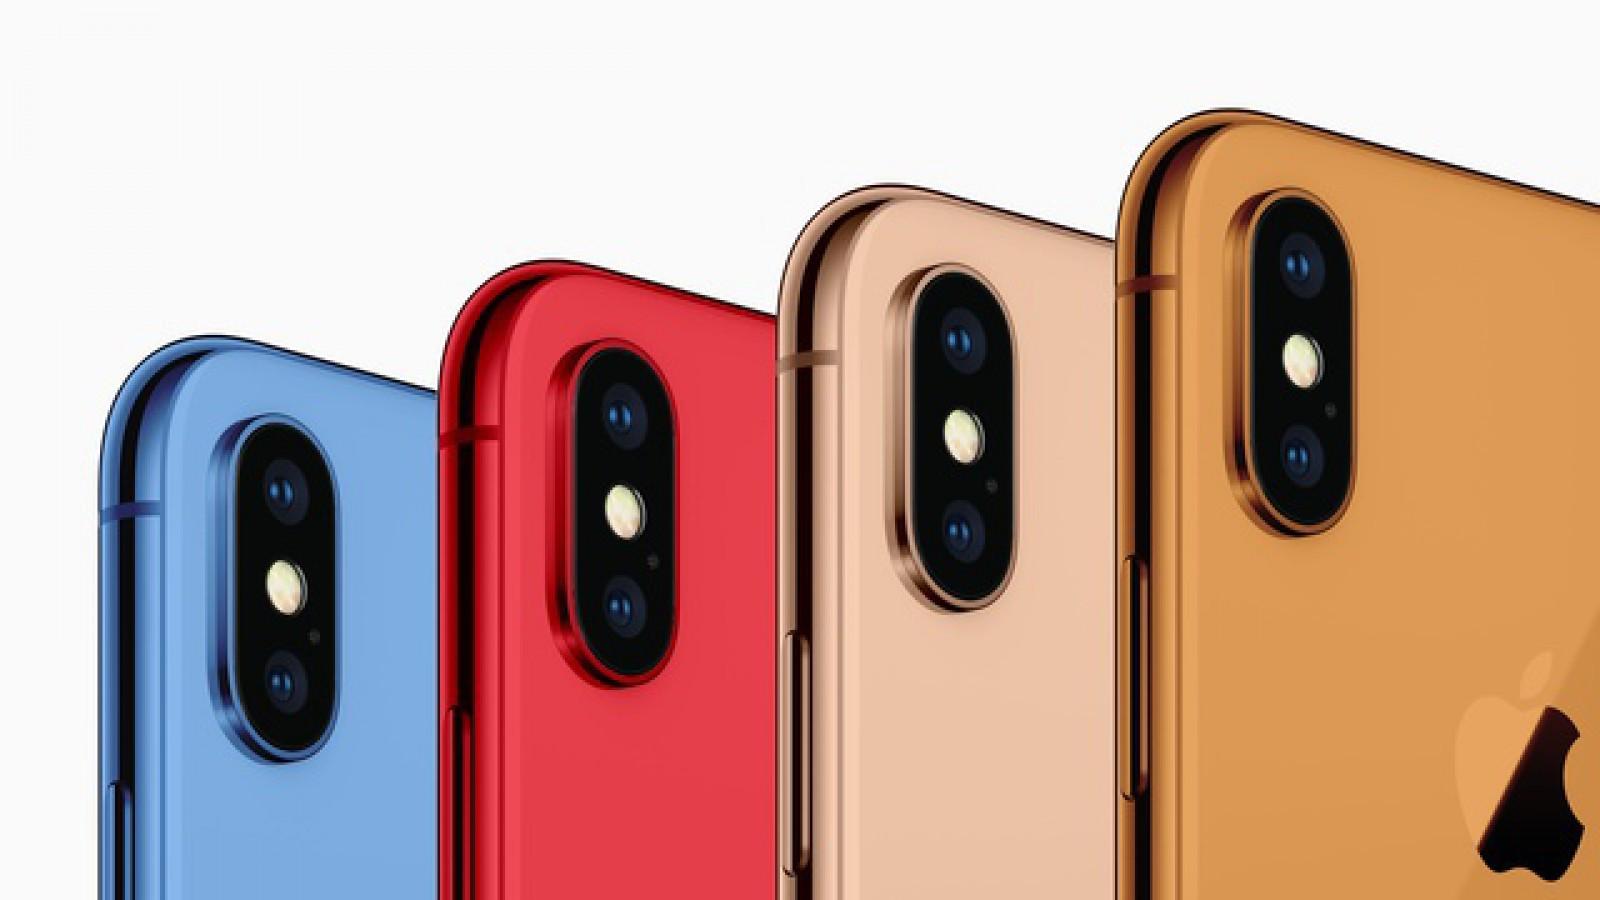 Noua generaţie de iPhone-uri de la Apple ar putea fi cea mai colorată de până acum